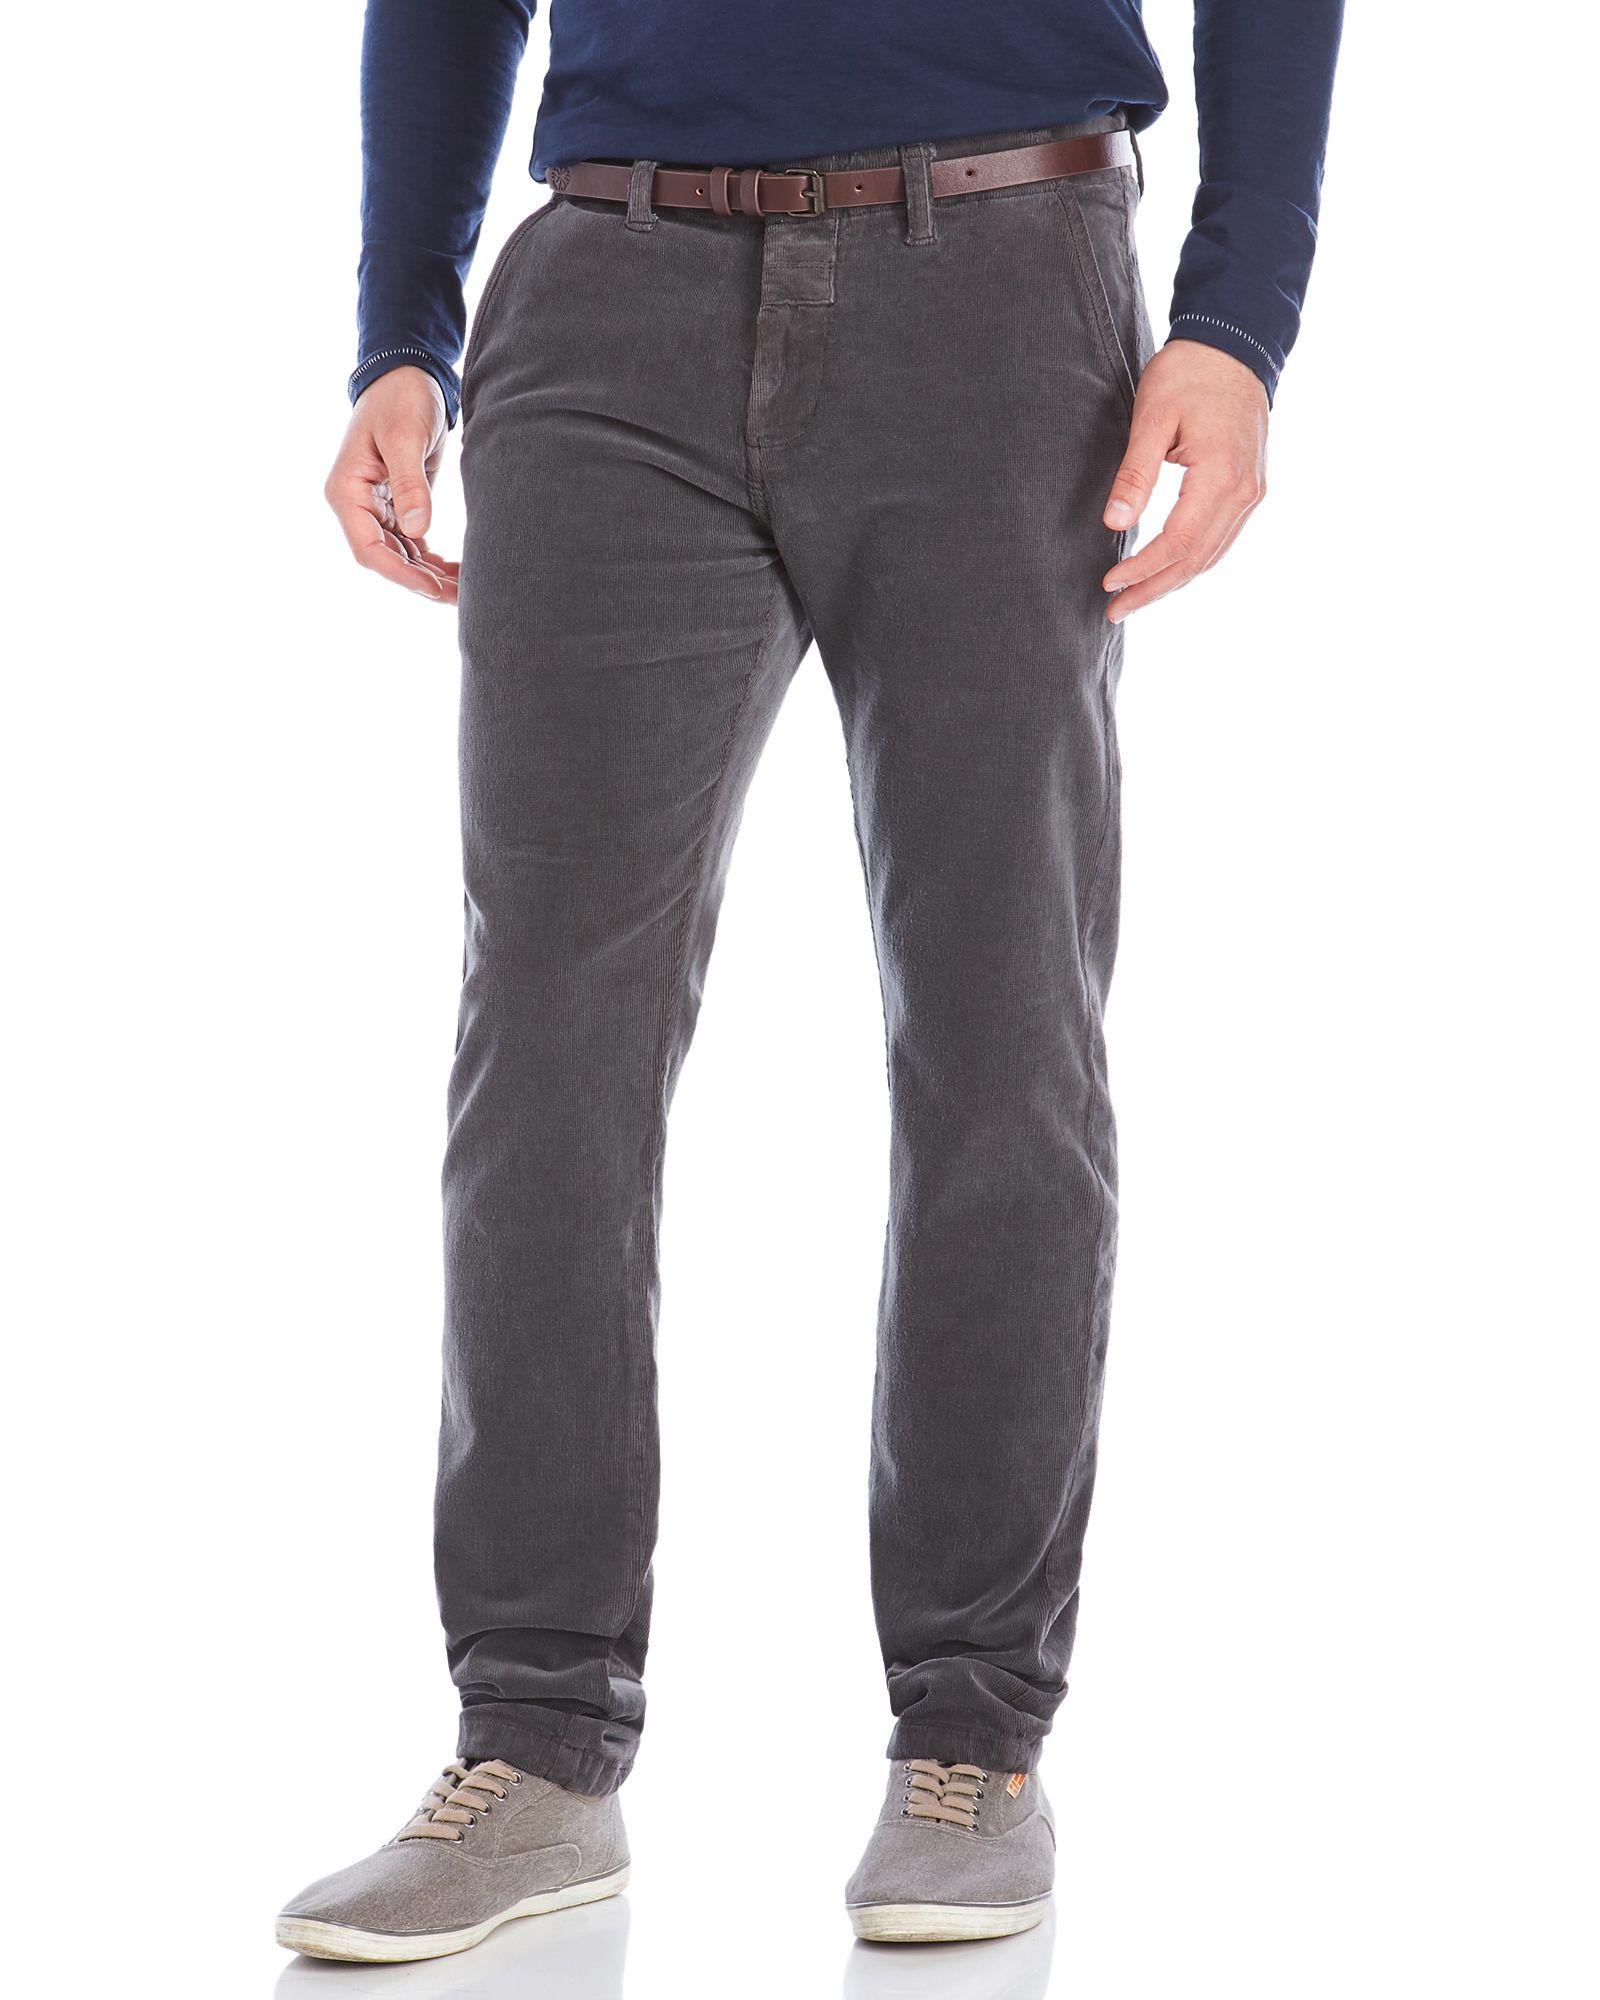 Denim - Pantalon En Denim Dstrezzed 1iOxzSfHzp